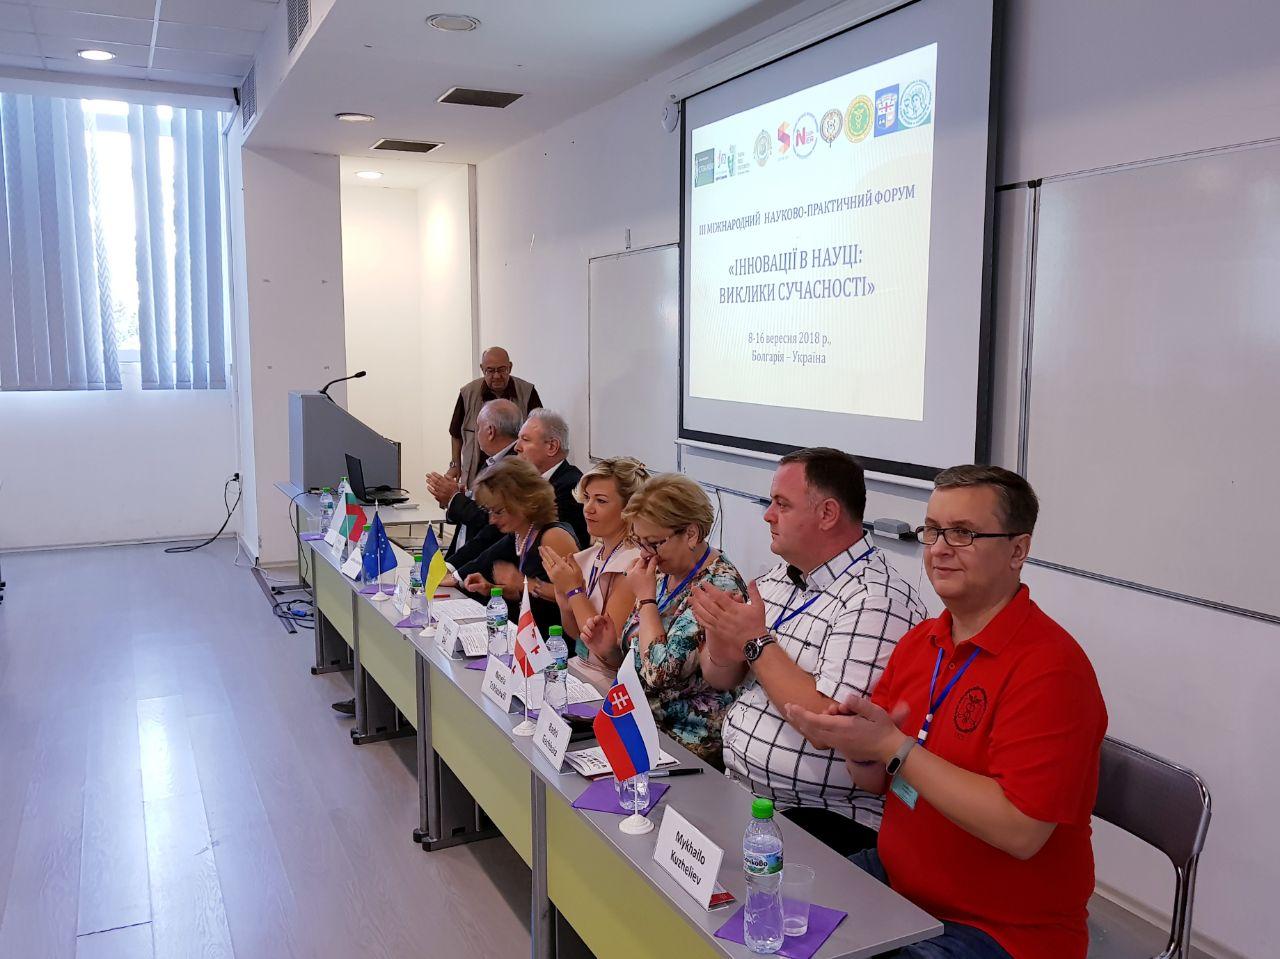 ННІ фінансів, банківської справи провів традиційний Міжнародний форум у м. Варна (Болгарія)